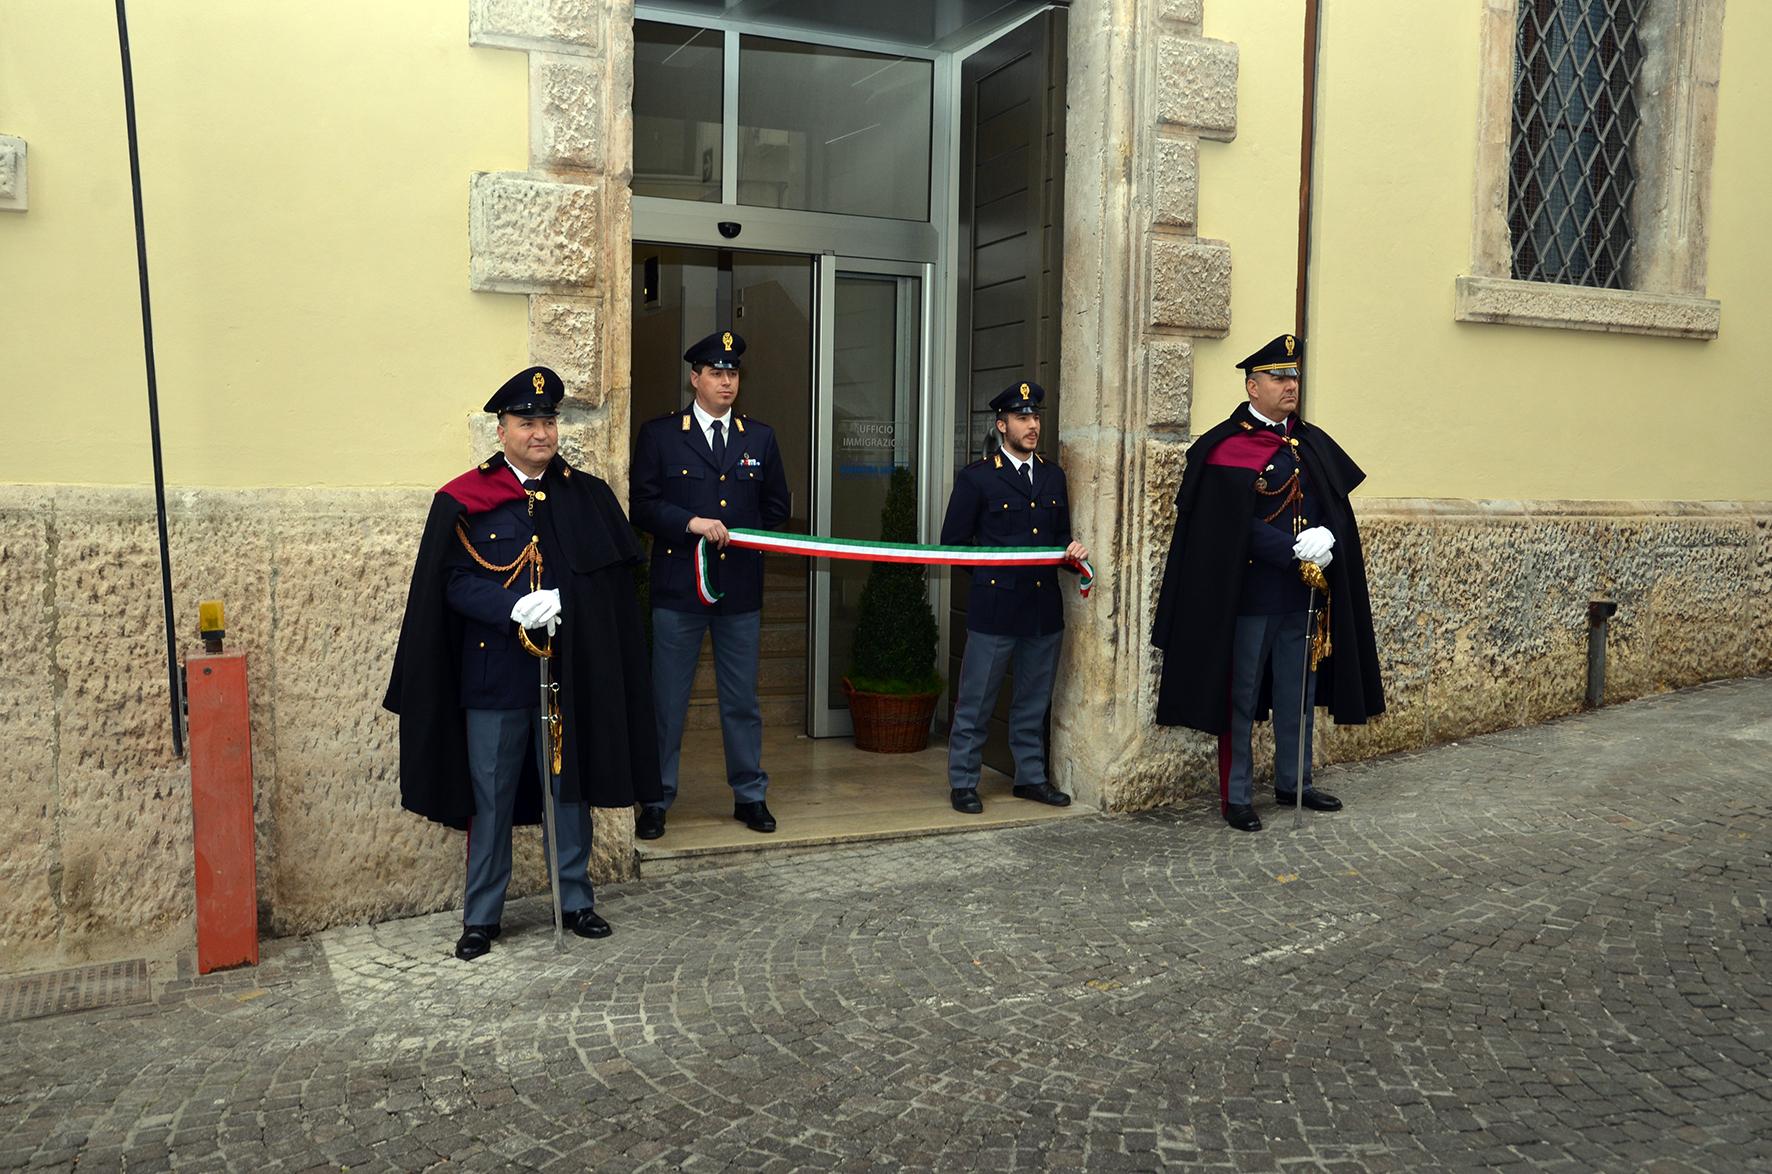 Galleria Inaugurazione nuova Palazzina Medievale Questura ...